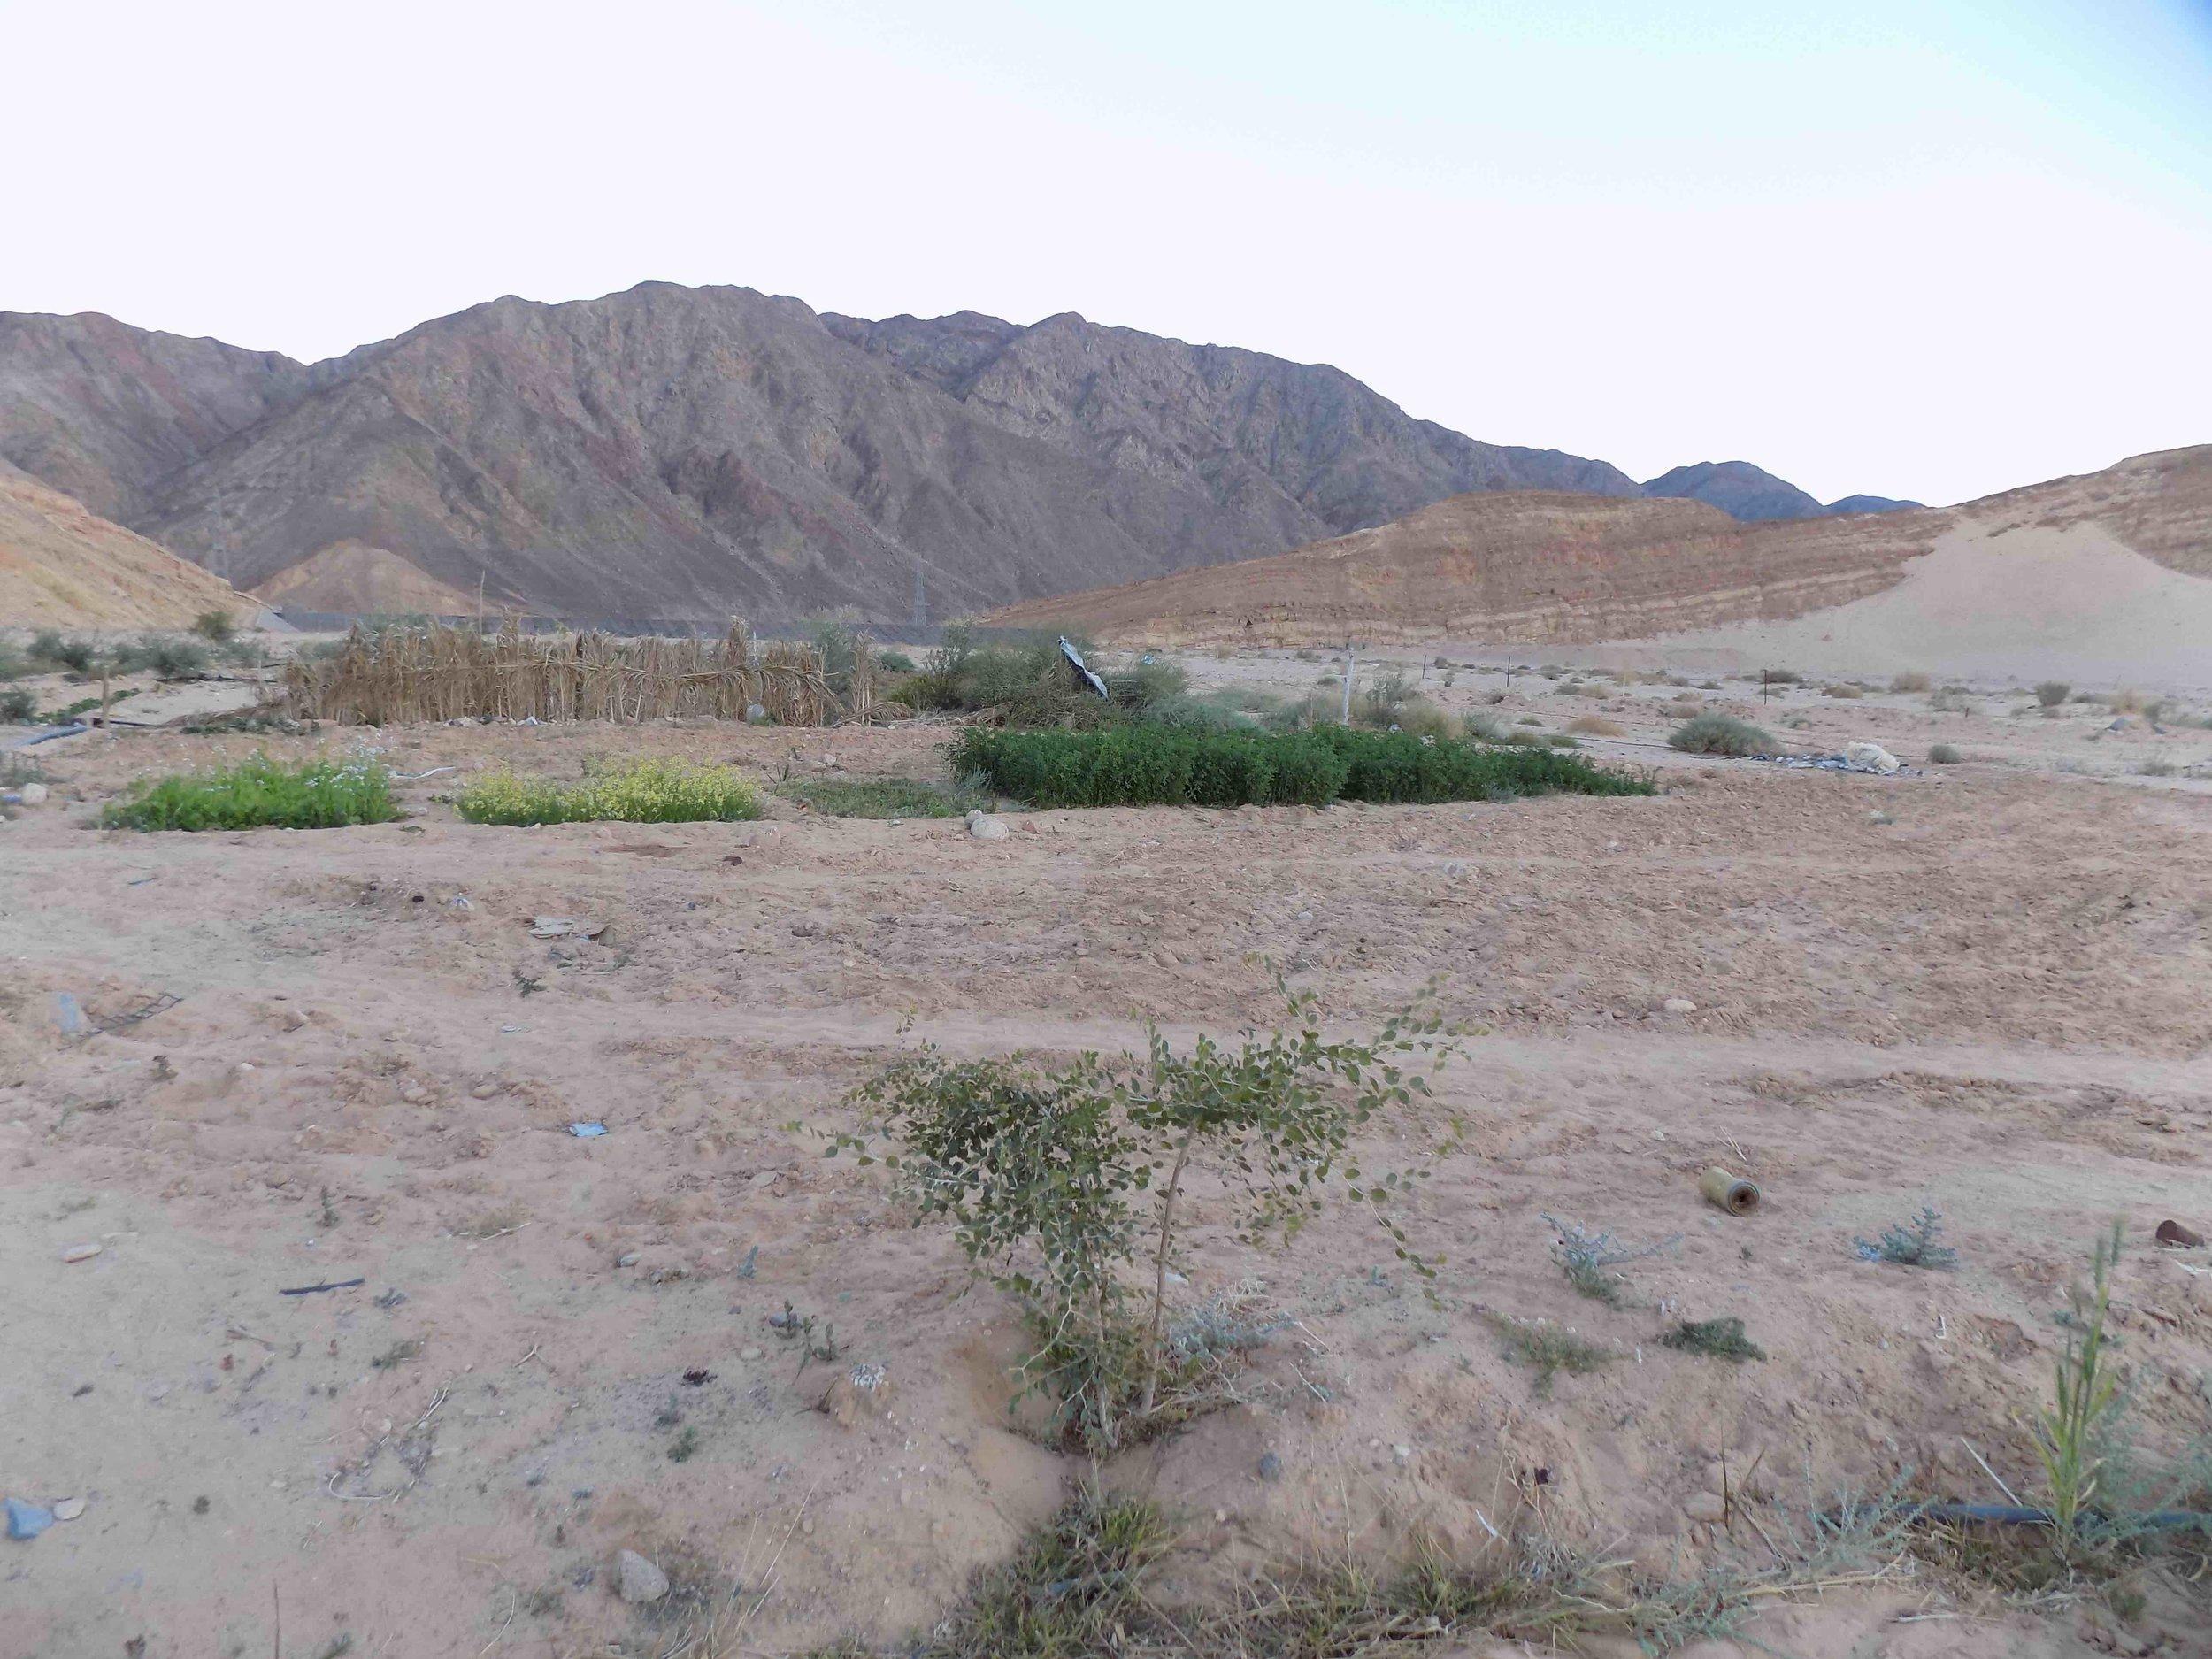 Farming in the desert sand